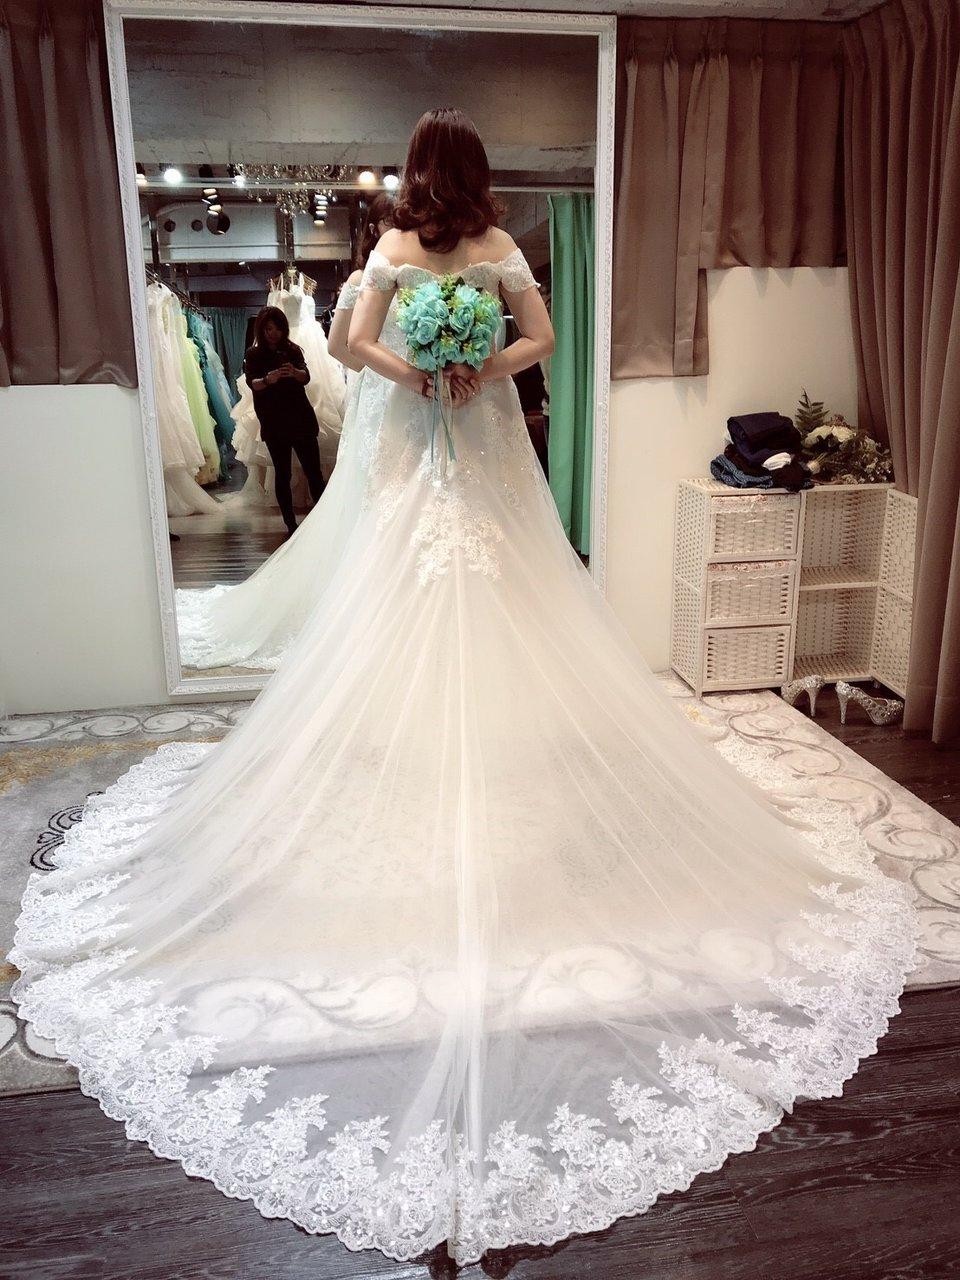 伊頓自助婚紗攝影工作室(台北西門店),推薦伊頓自助婚紗❤️